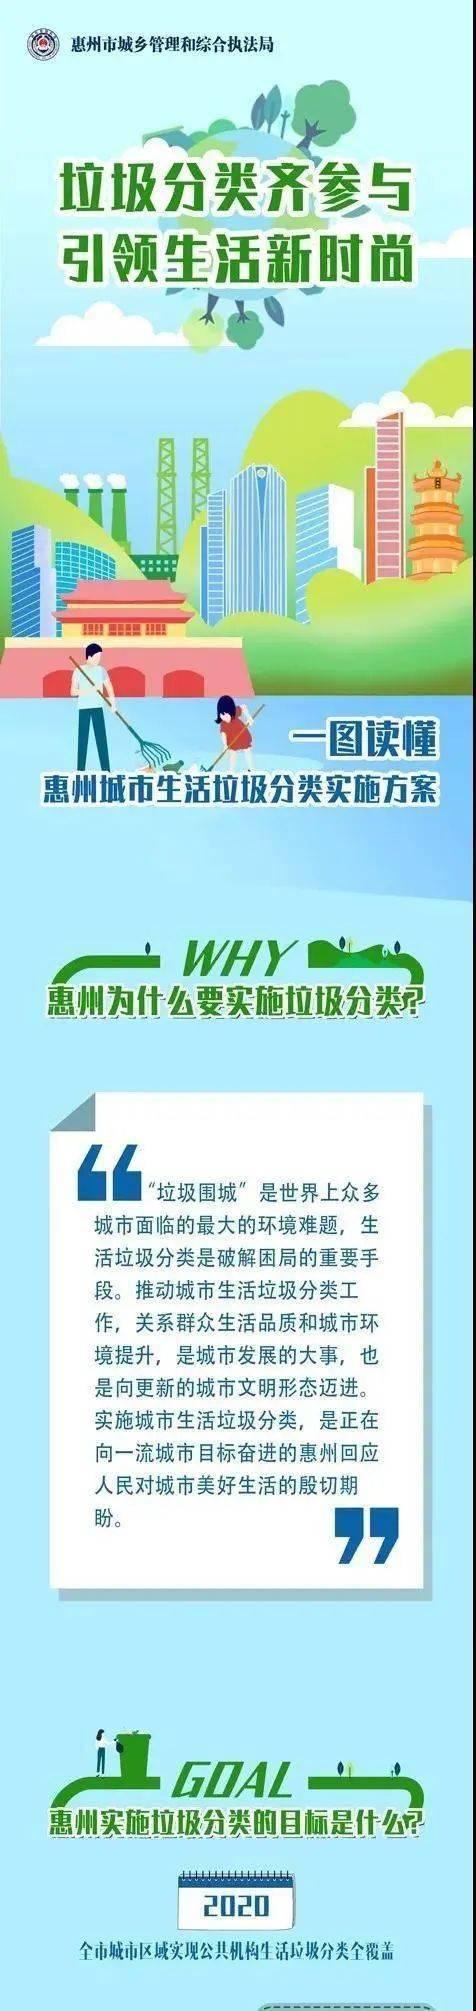 【今日关注】一图读懂惠州城市生活垃圾分类实施方案